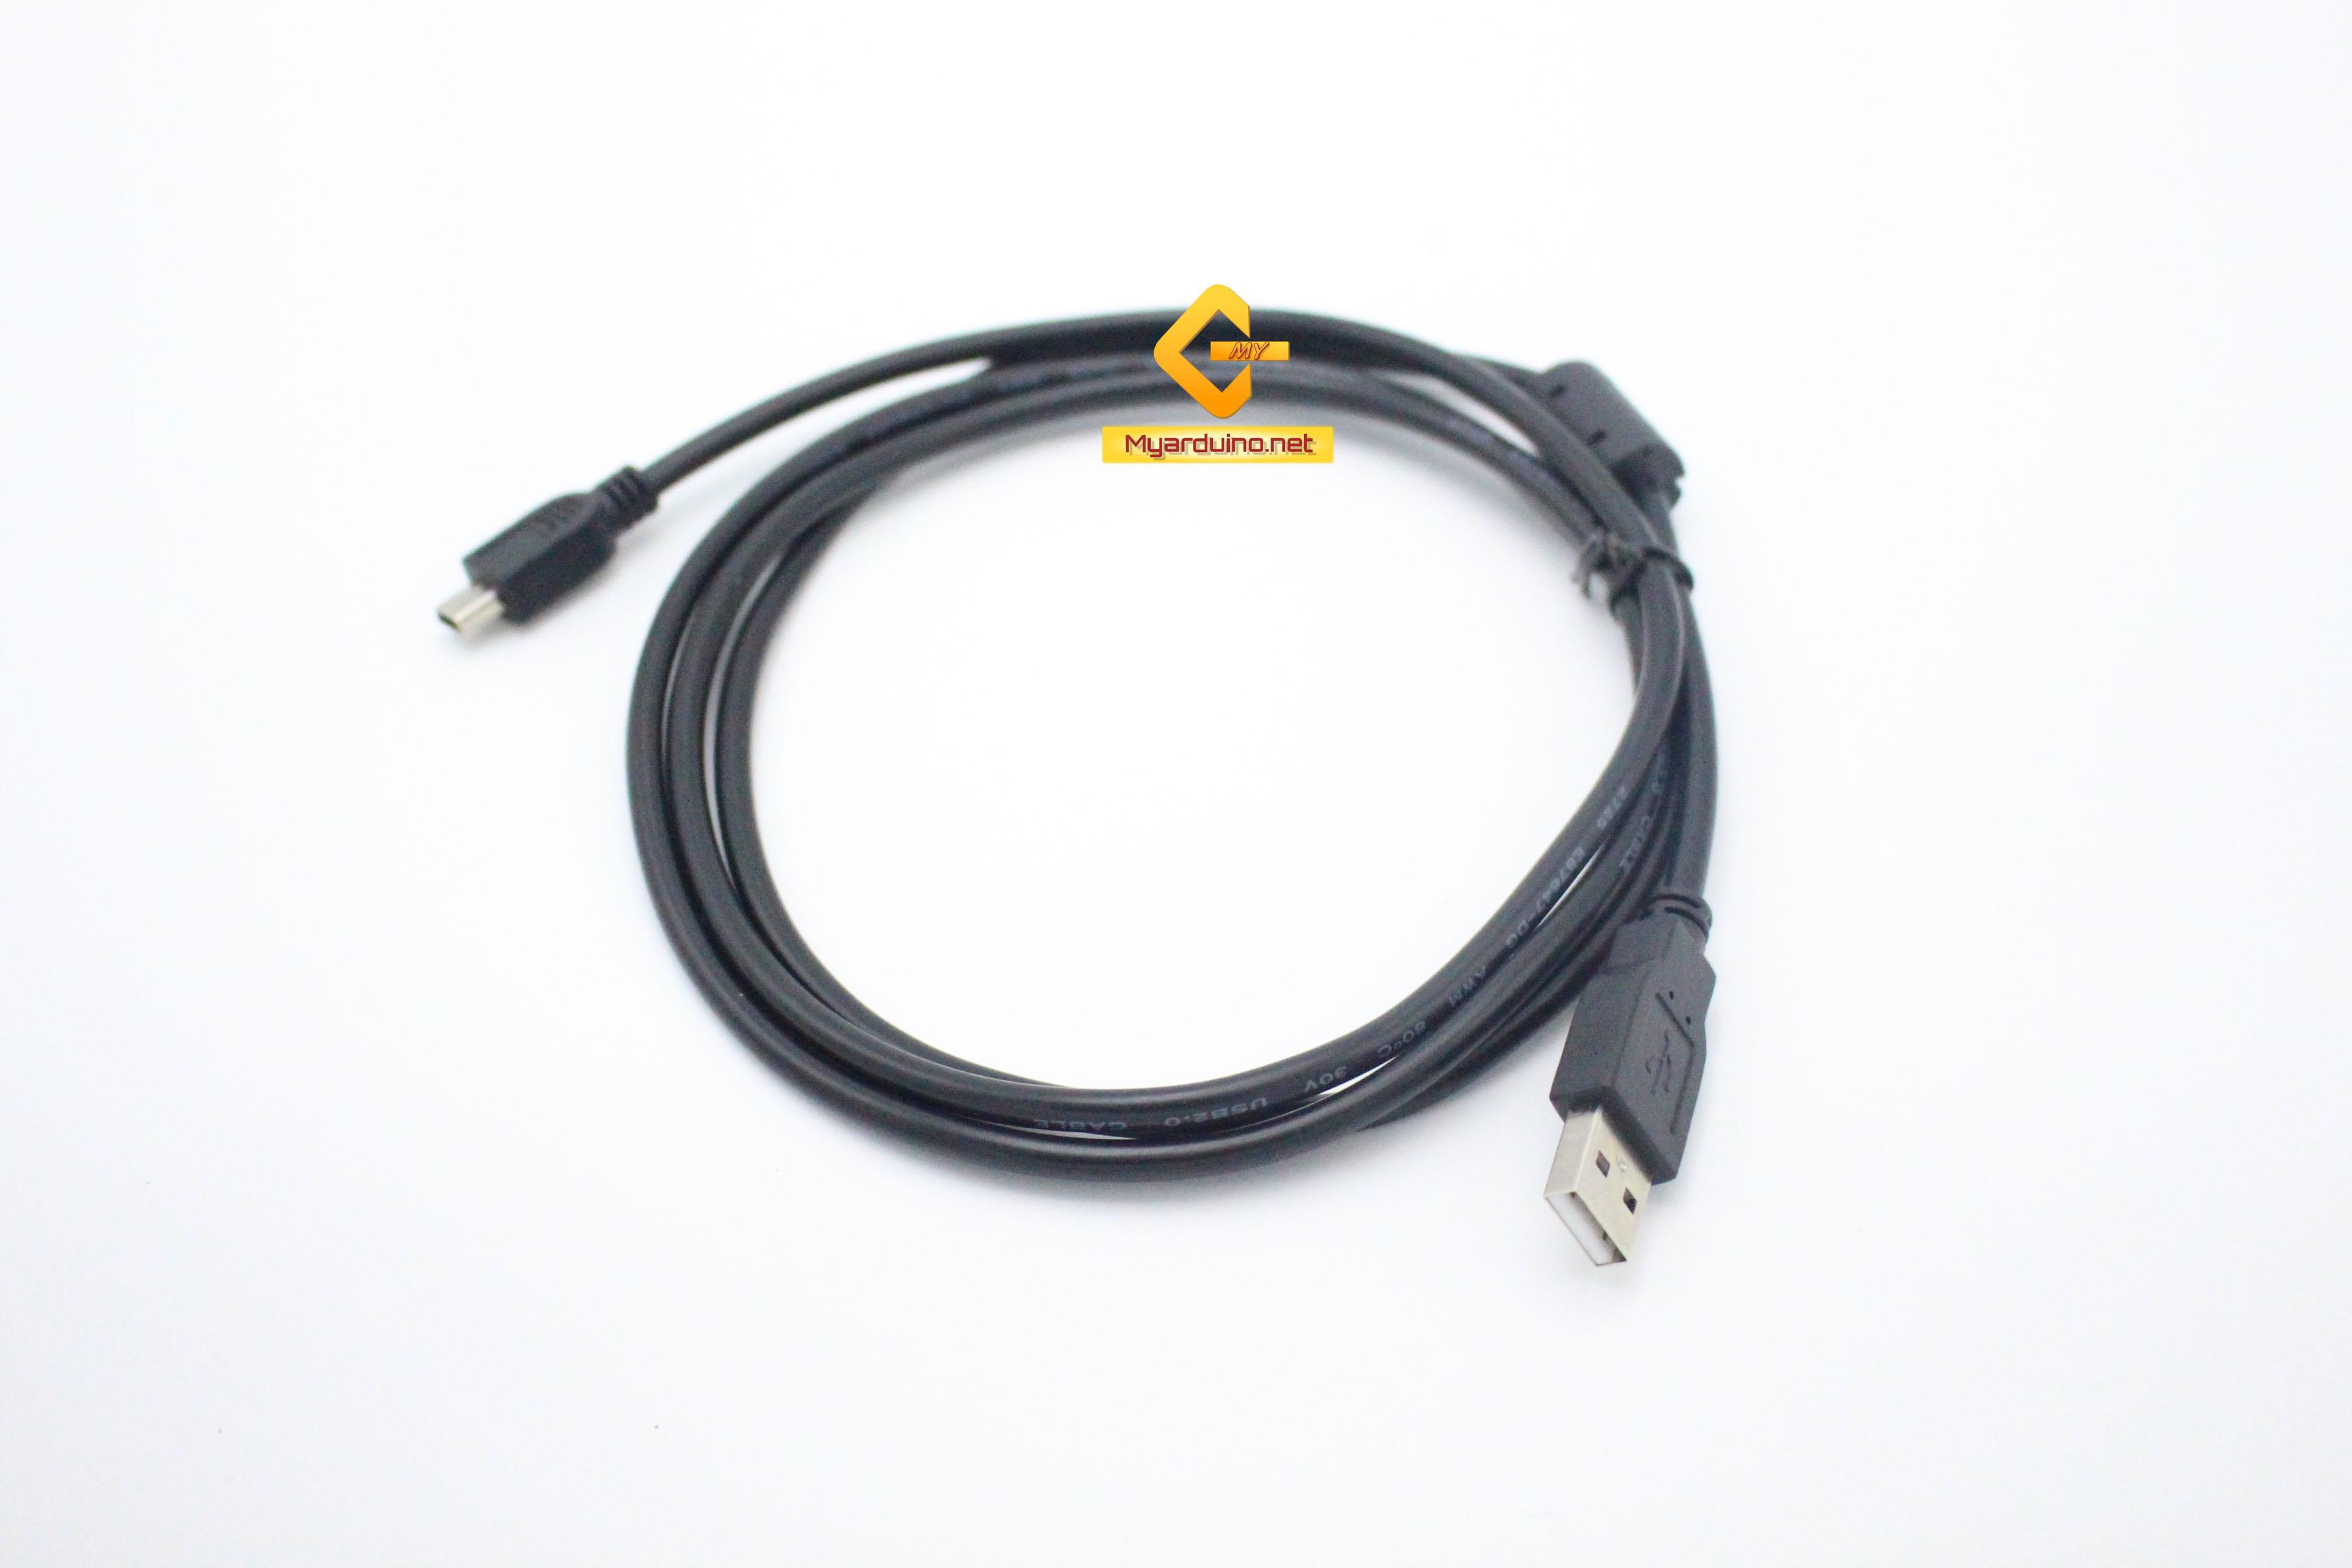 สาย Mini USB Cable (USB 2.0 A to USB Mini B) 1.5m สีดำ